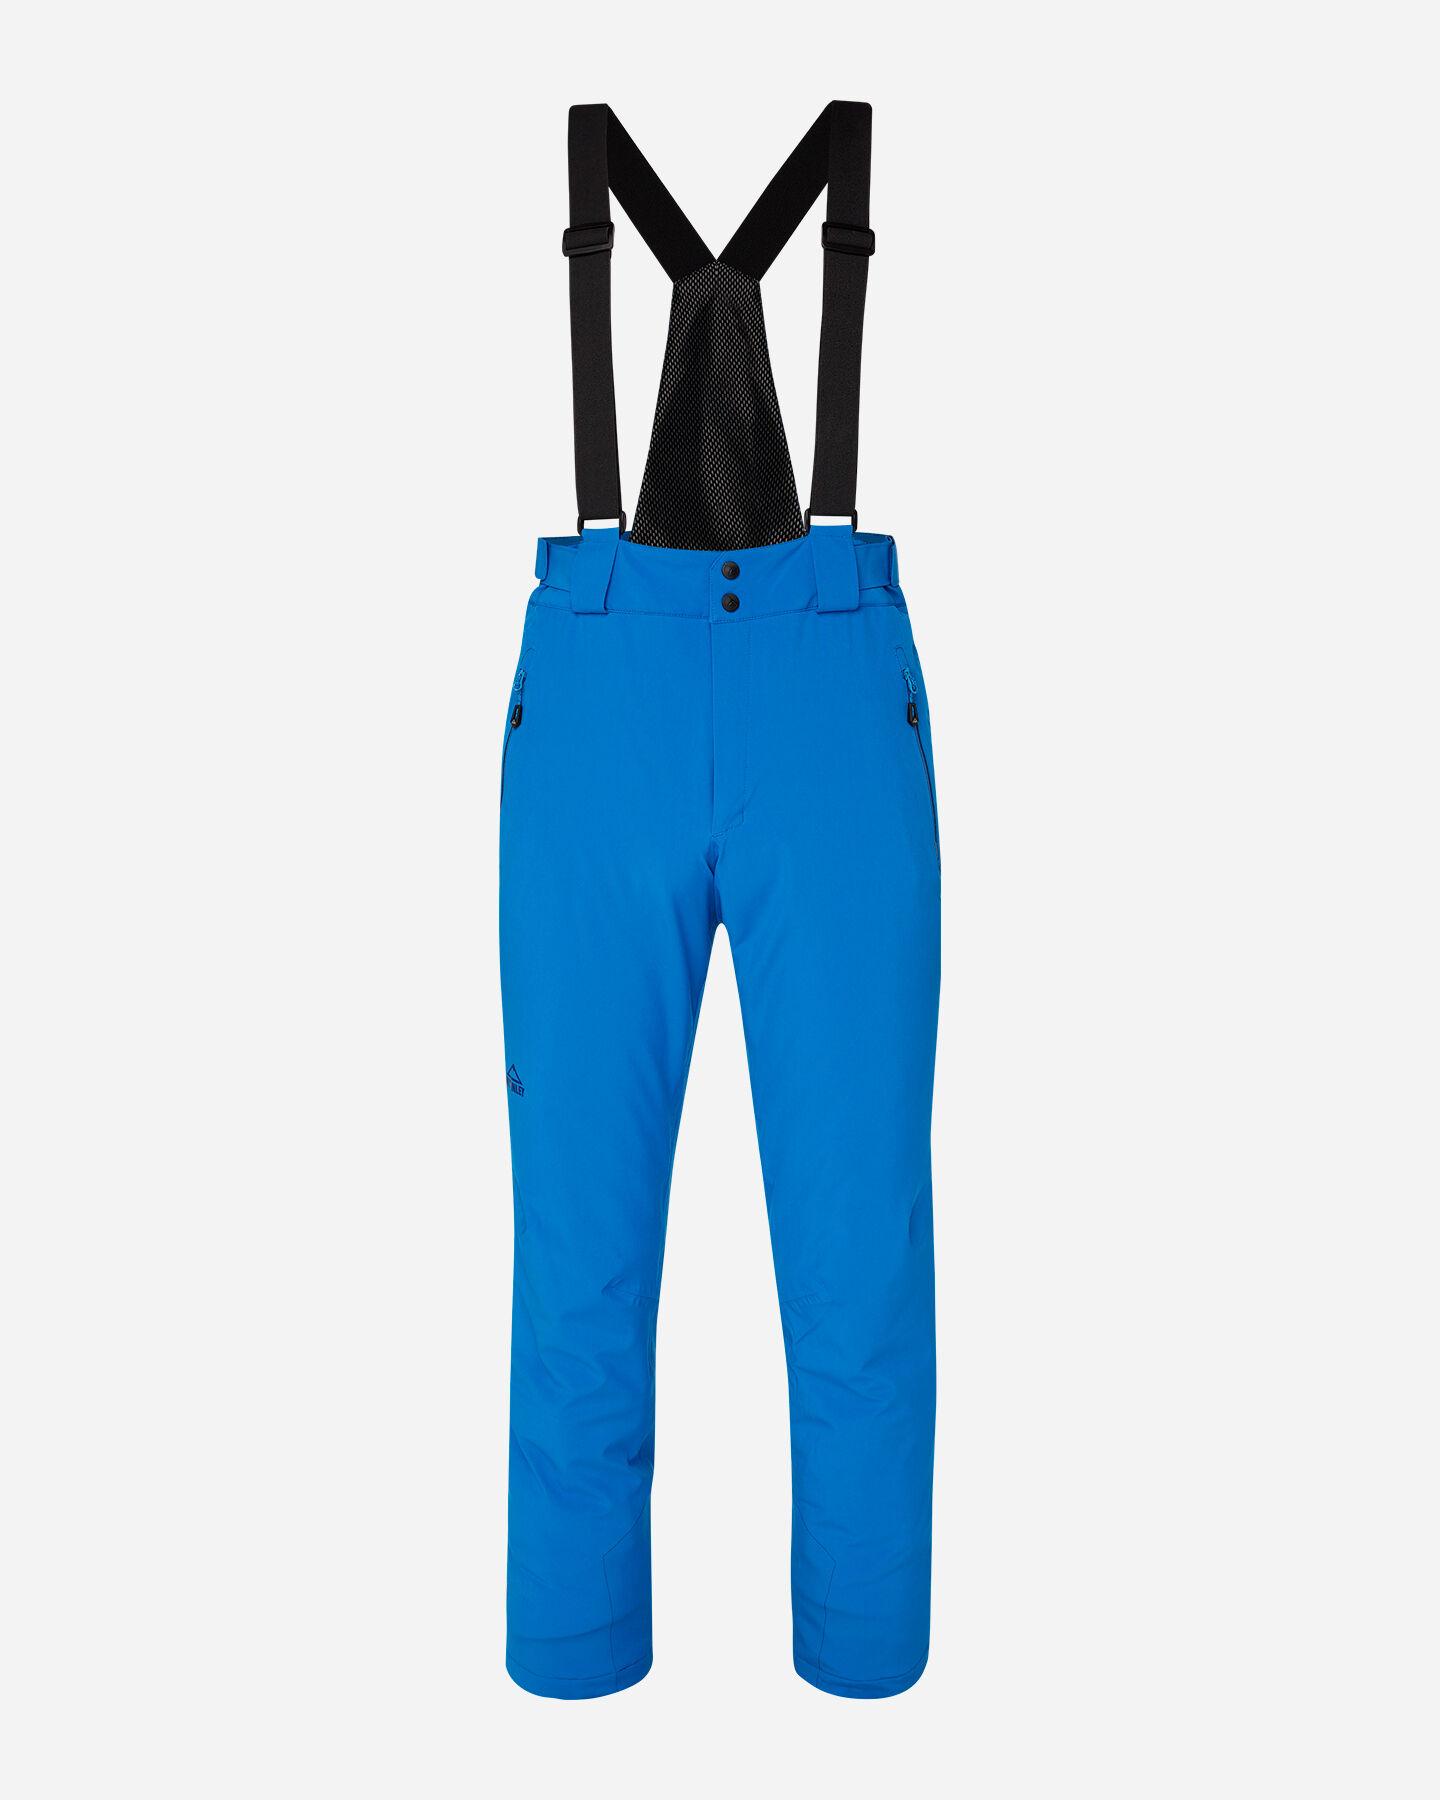 Pantalone sci MCKINLEY DAVE M S5064198 scatto 0